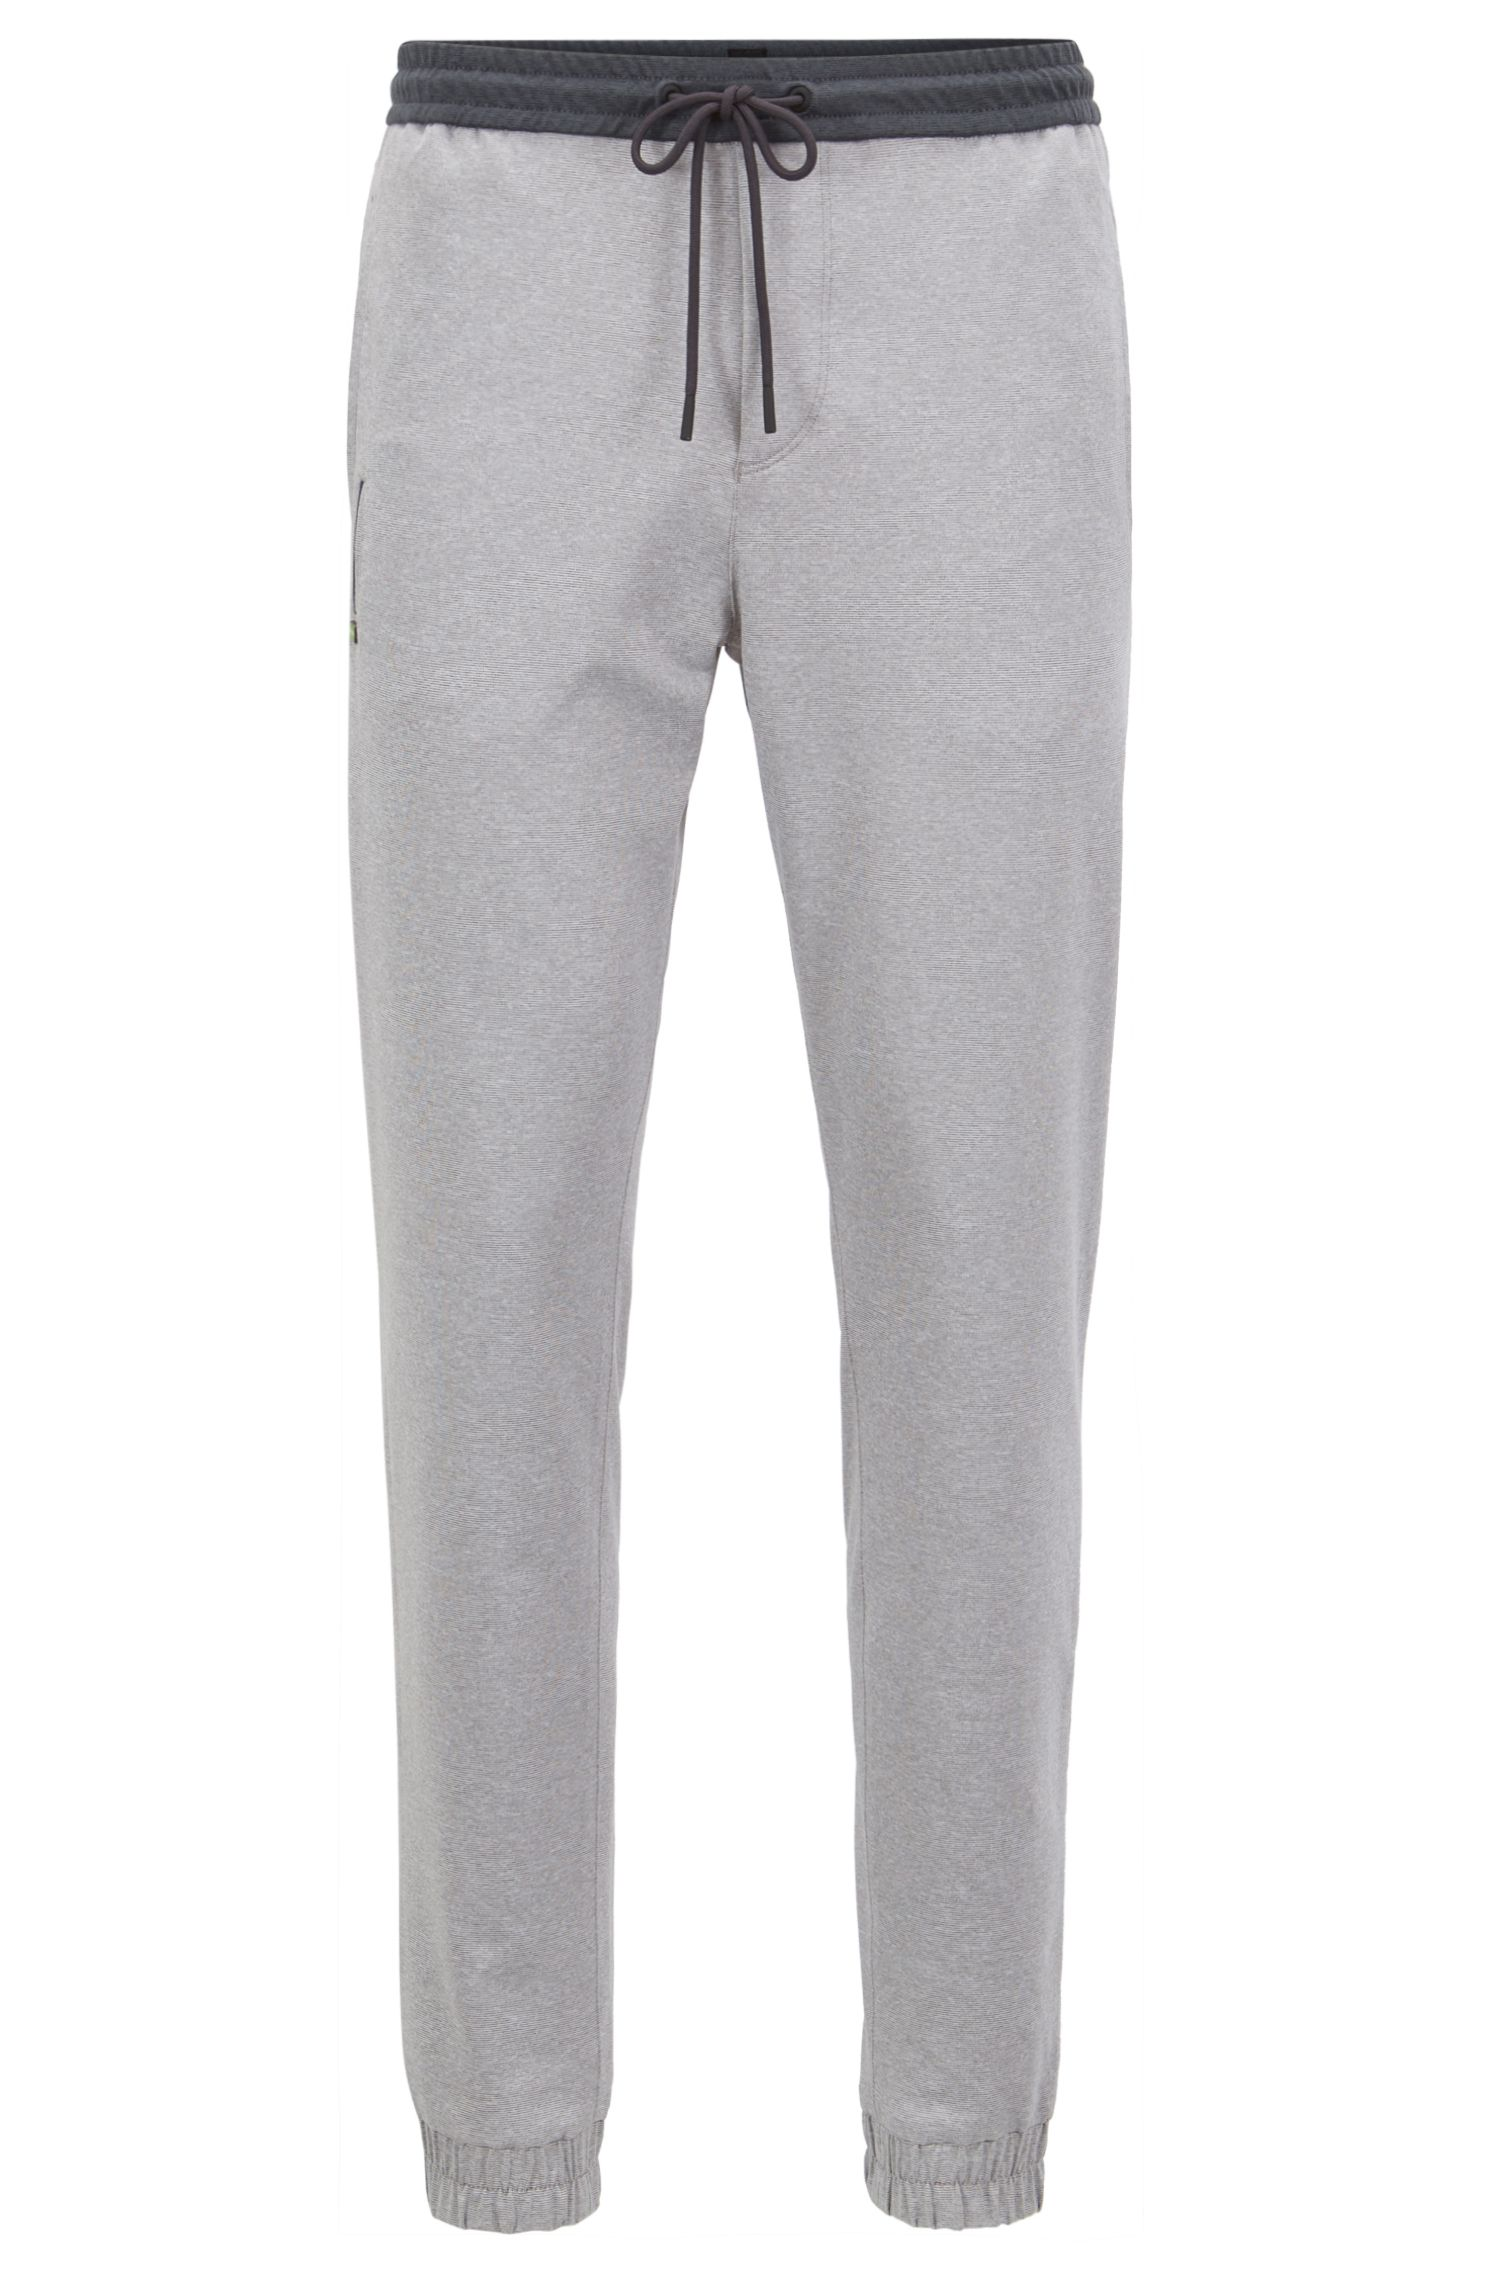 Pantaloni slim fit in mélange elasticizzato attivo con fondo gamba elastico